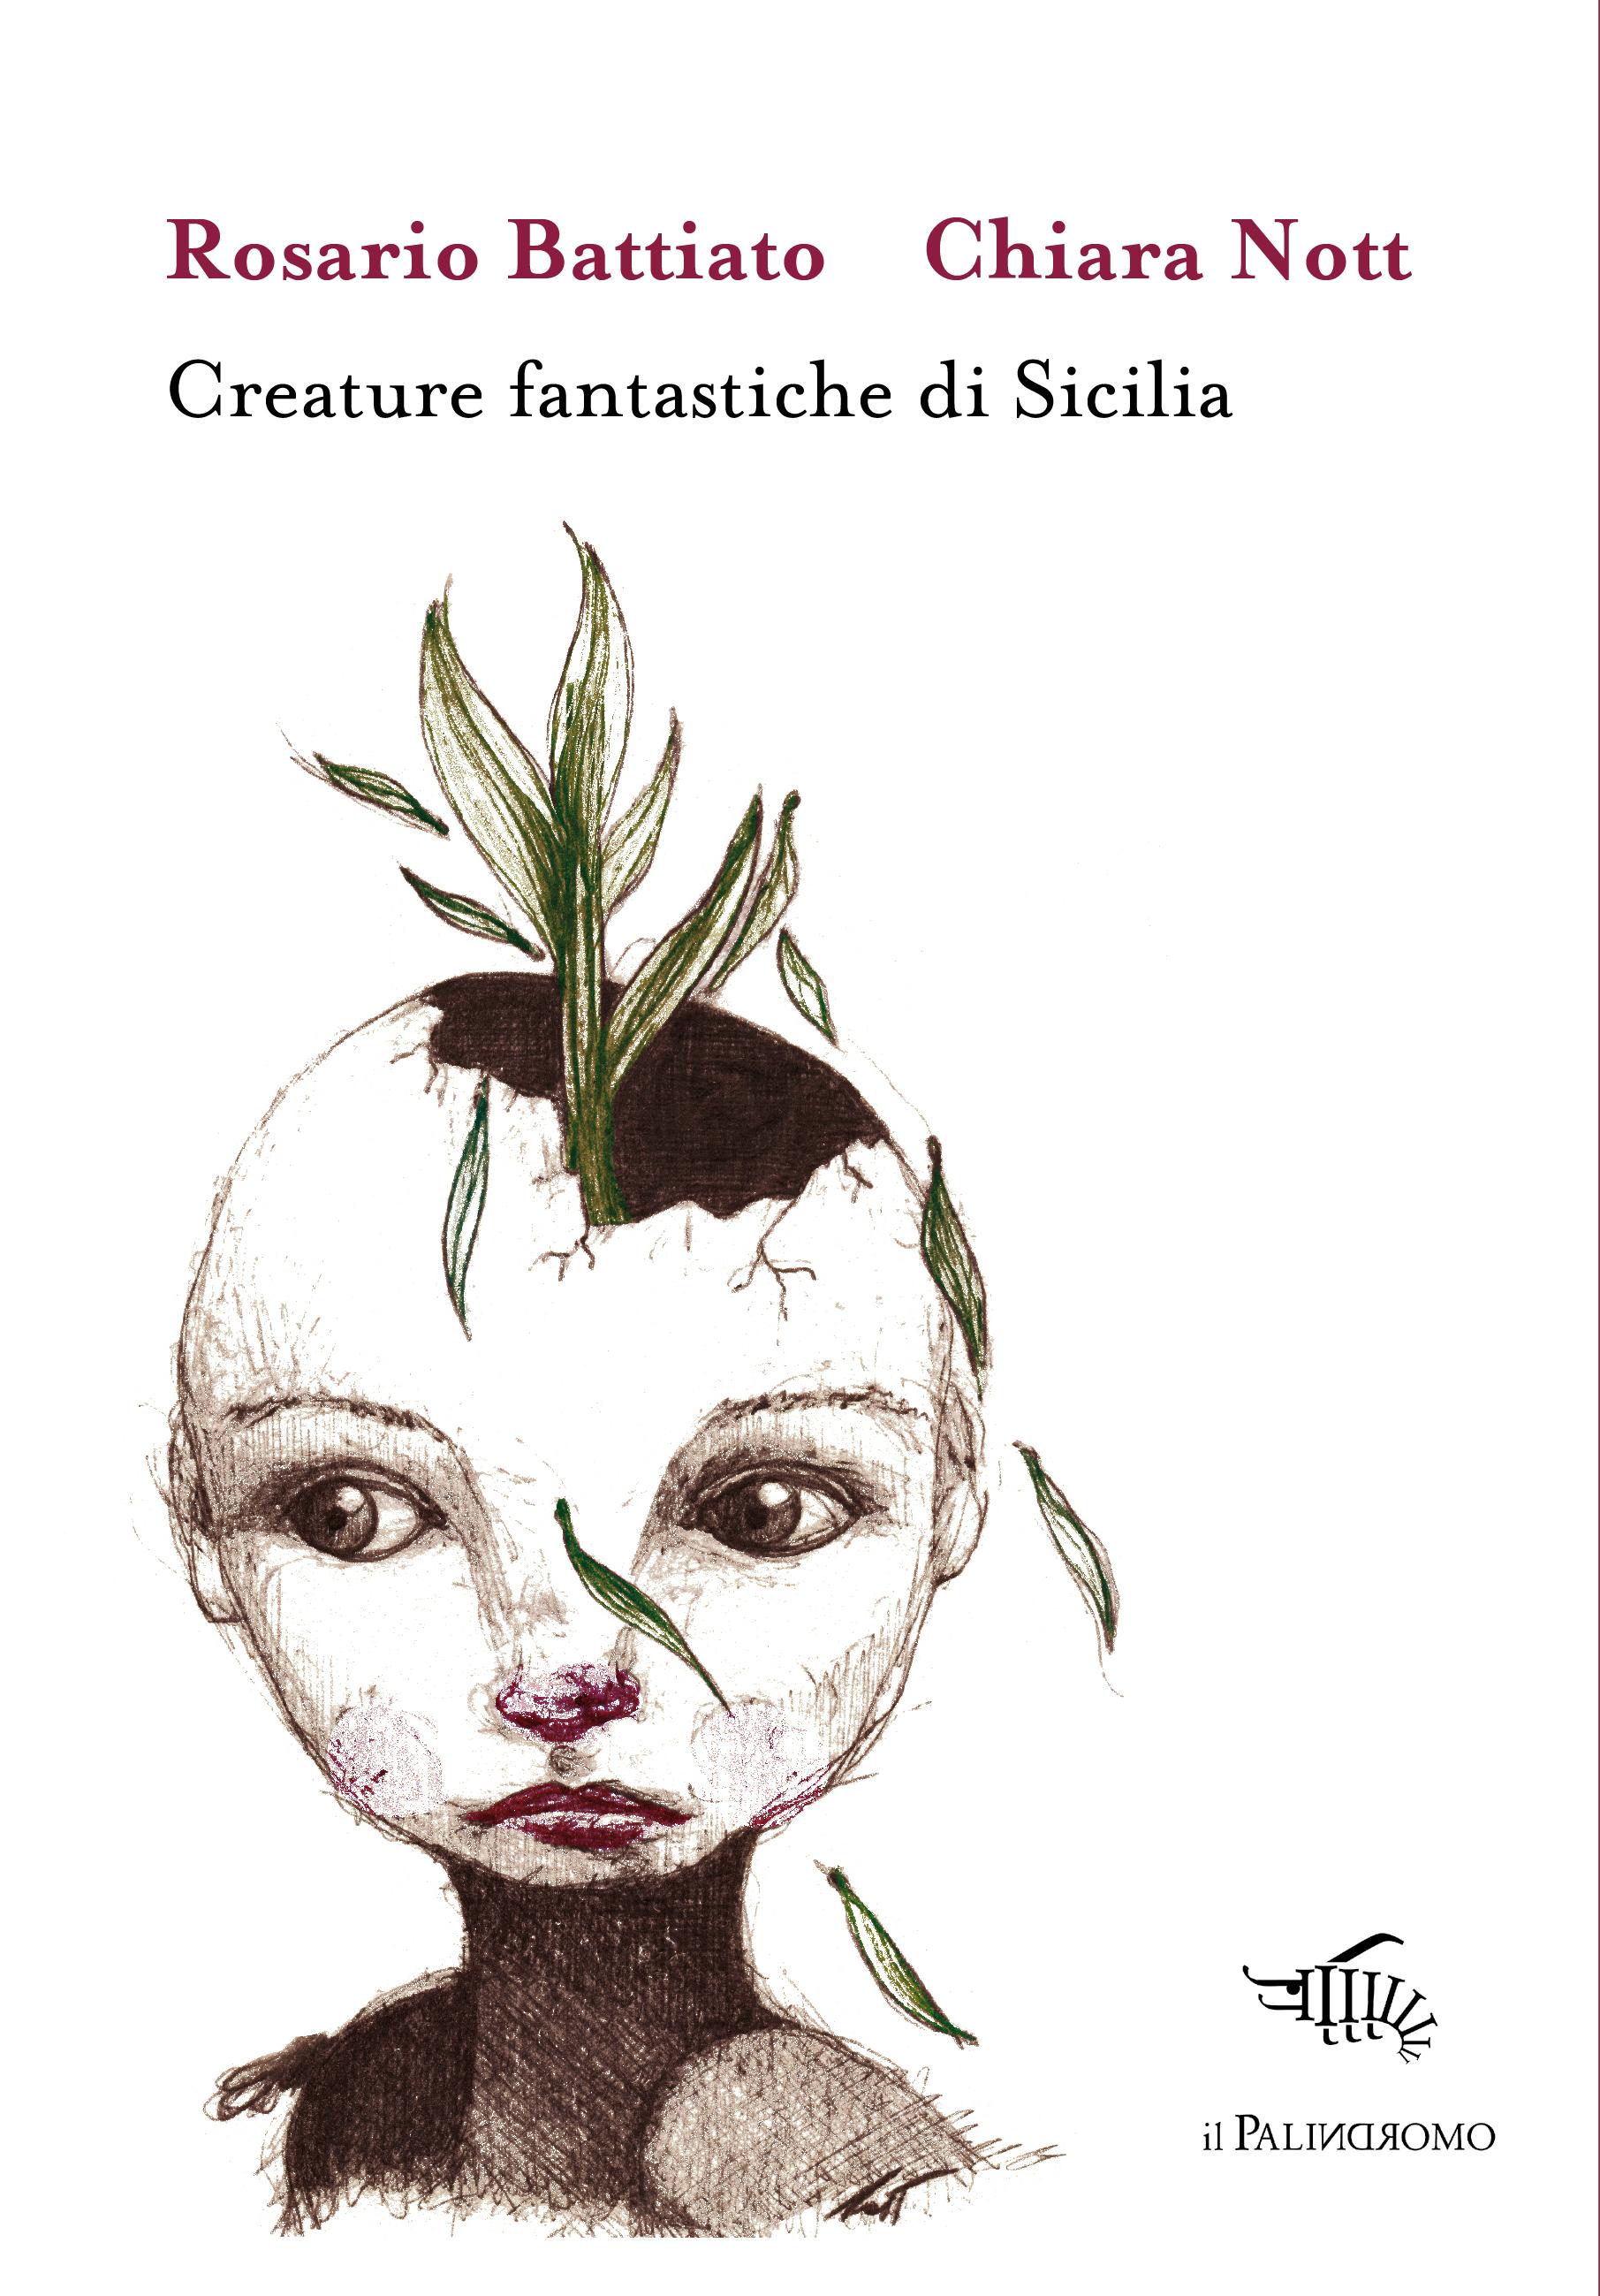 Autore: Rosario Battiato e Chiara Nott